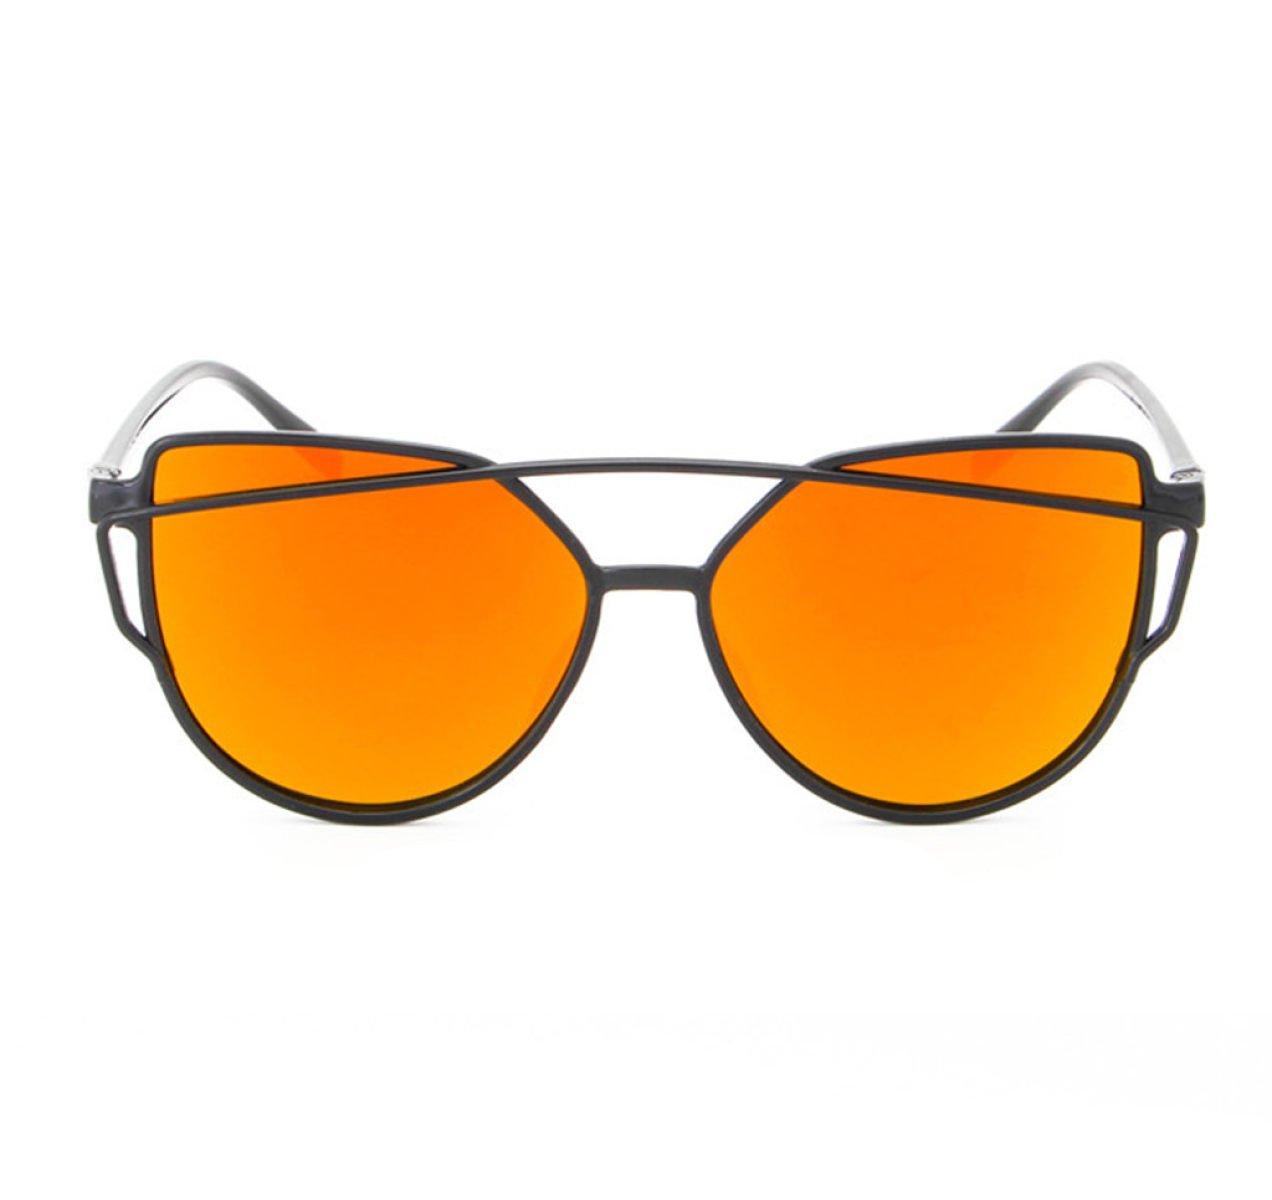 Wer Bin Ich Eine Helle Persönlichkeit Retro-Trend Quecksilber Fahren Polarisierten Sonnenbrille Im Freien,Green